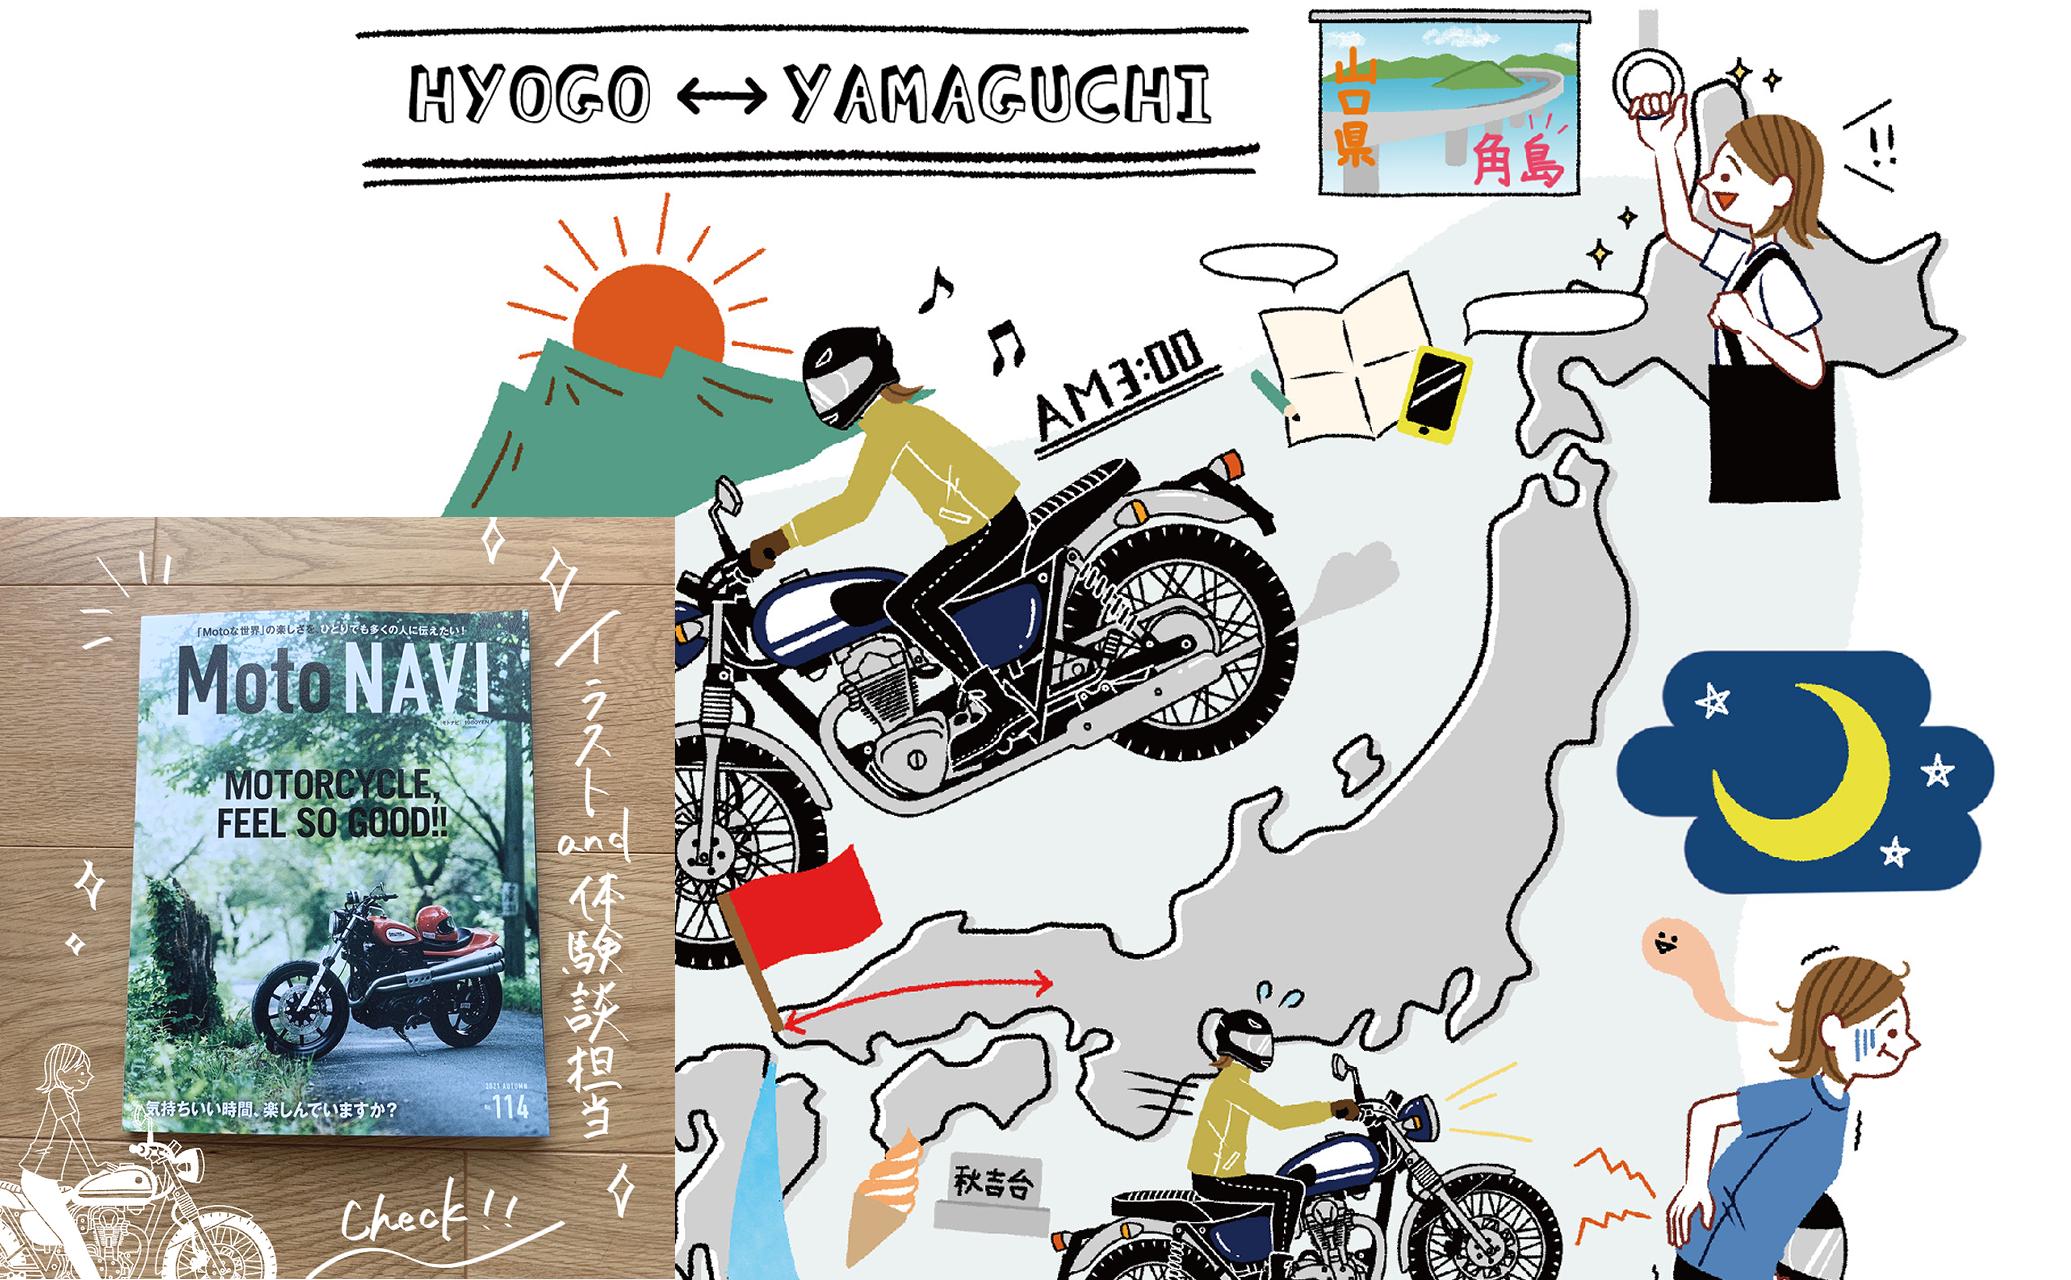 バイク雑誌に掲載されたイラスト